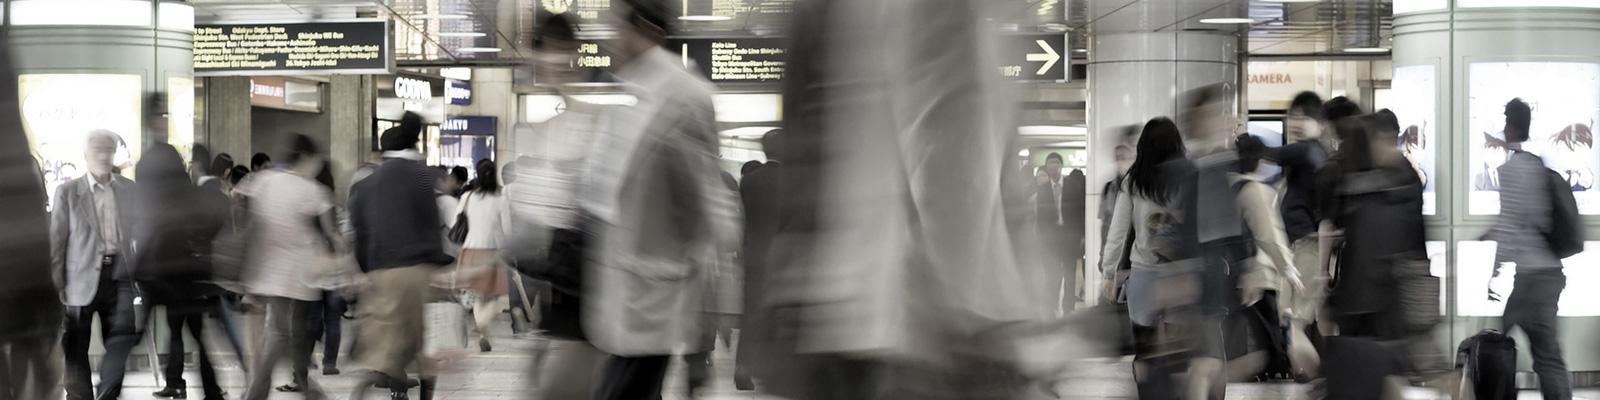 新宿 駅 混雑 イメージ